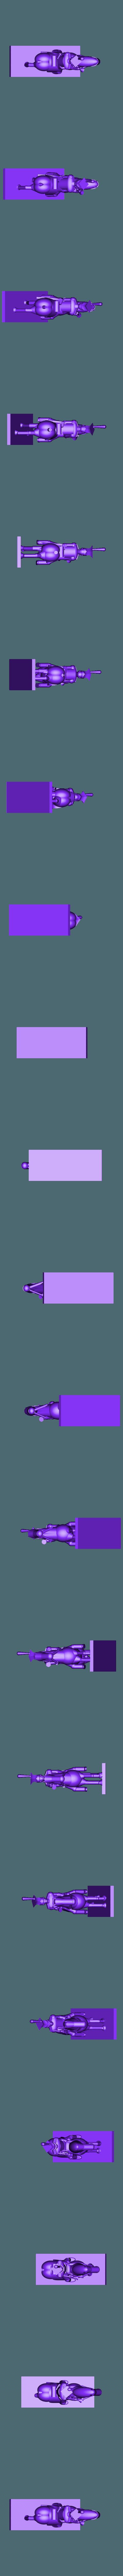 r_uhlan_trump1.stl Télécharger fichier STL gratuit Napoléonien - Partie 7b - Uhlans • Modèle imprimable en 3D, Earsling